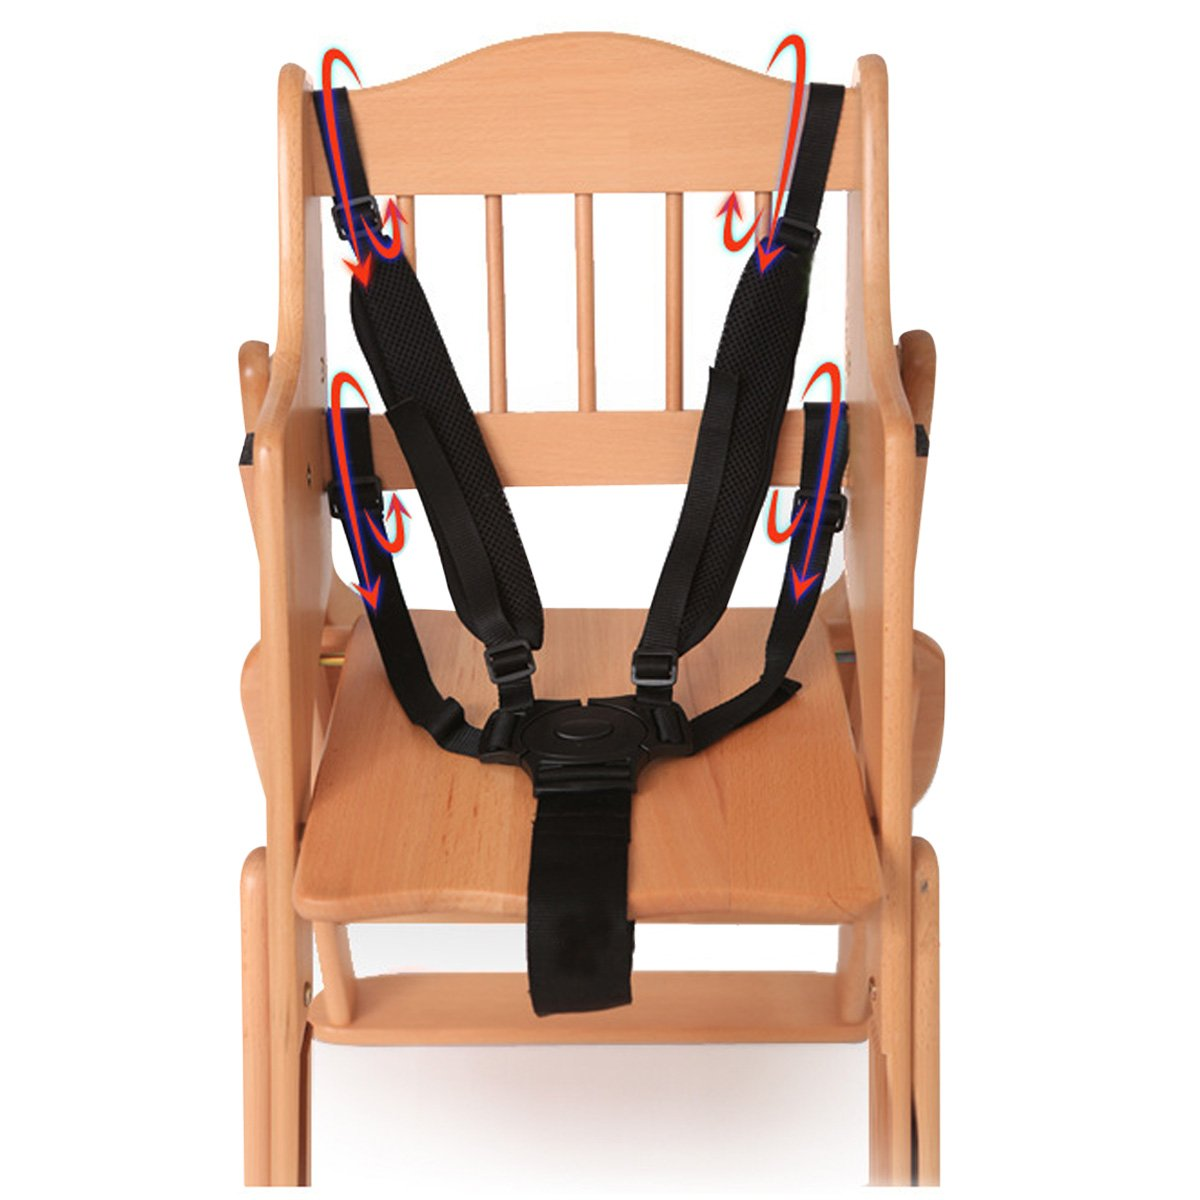 Protezione del bambino seggiolino passeggino cintura 5punti di sicurezza cintura di sicurezza sedile per passeggino seggiolone passeggino passeggino passeggino per bambini Kid Anyos